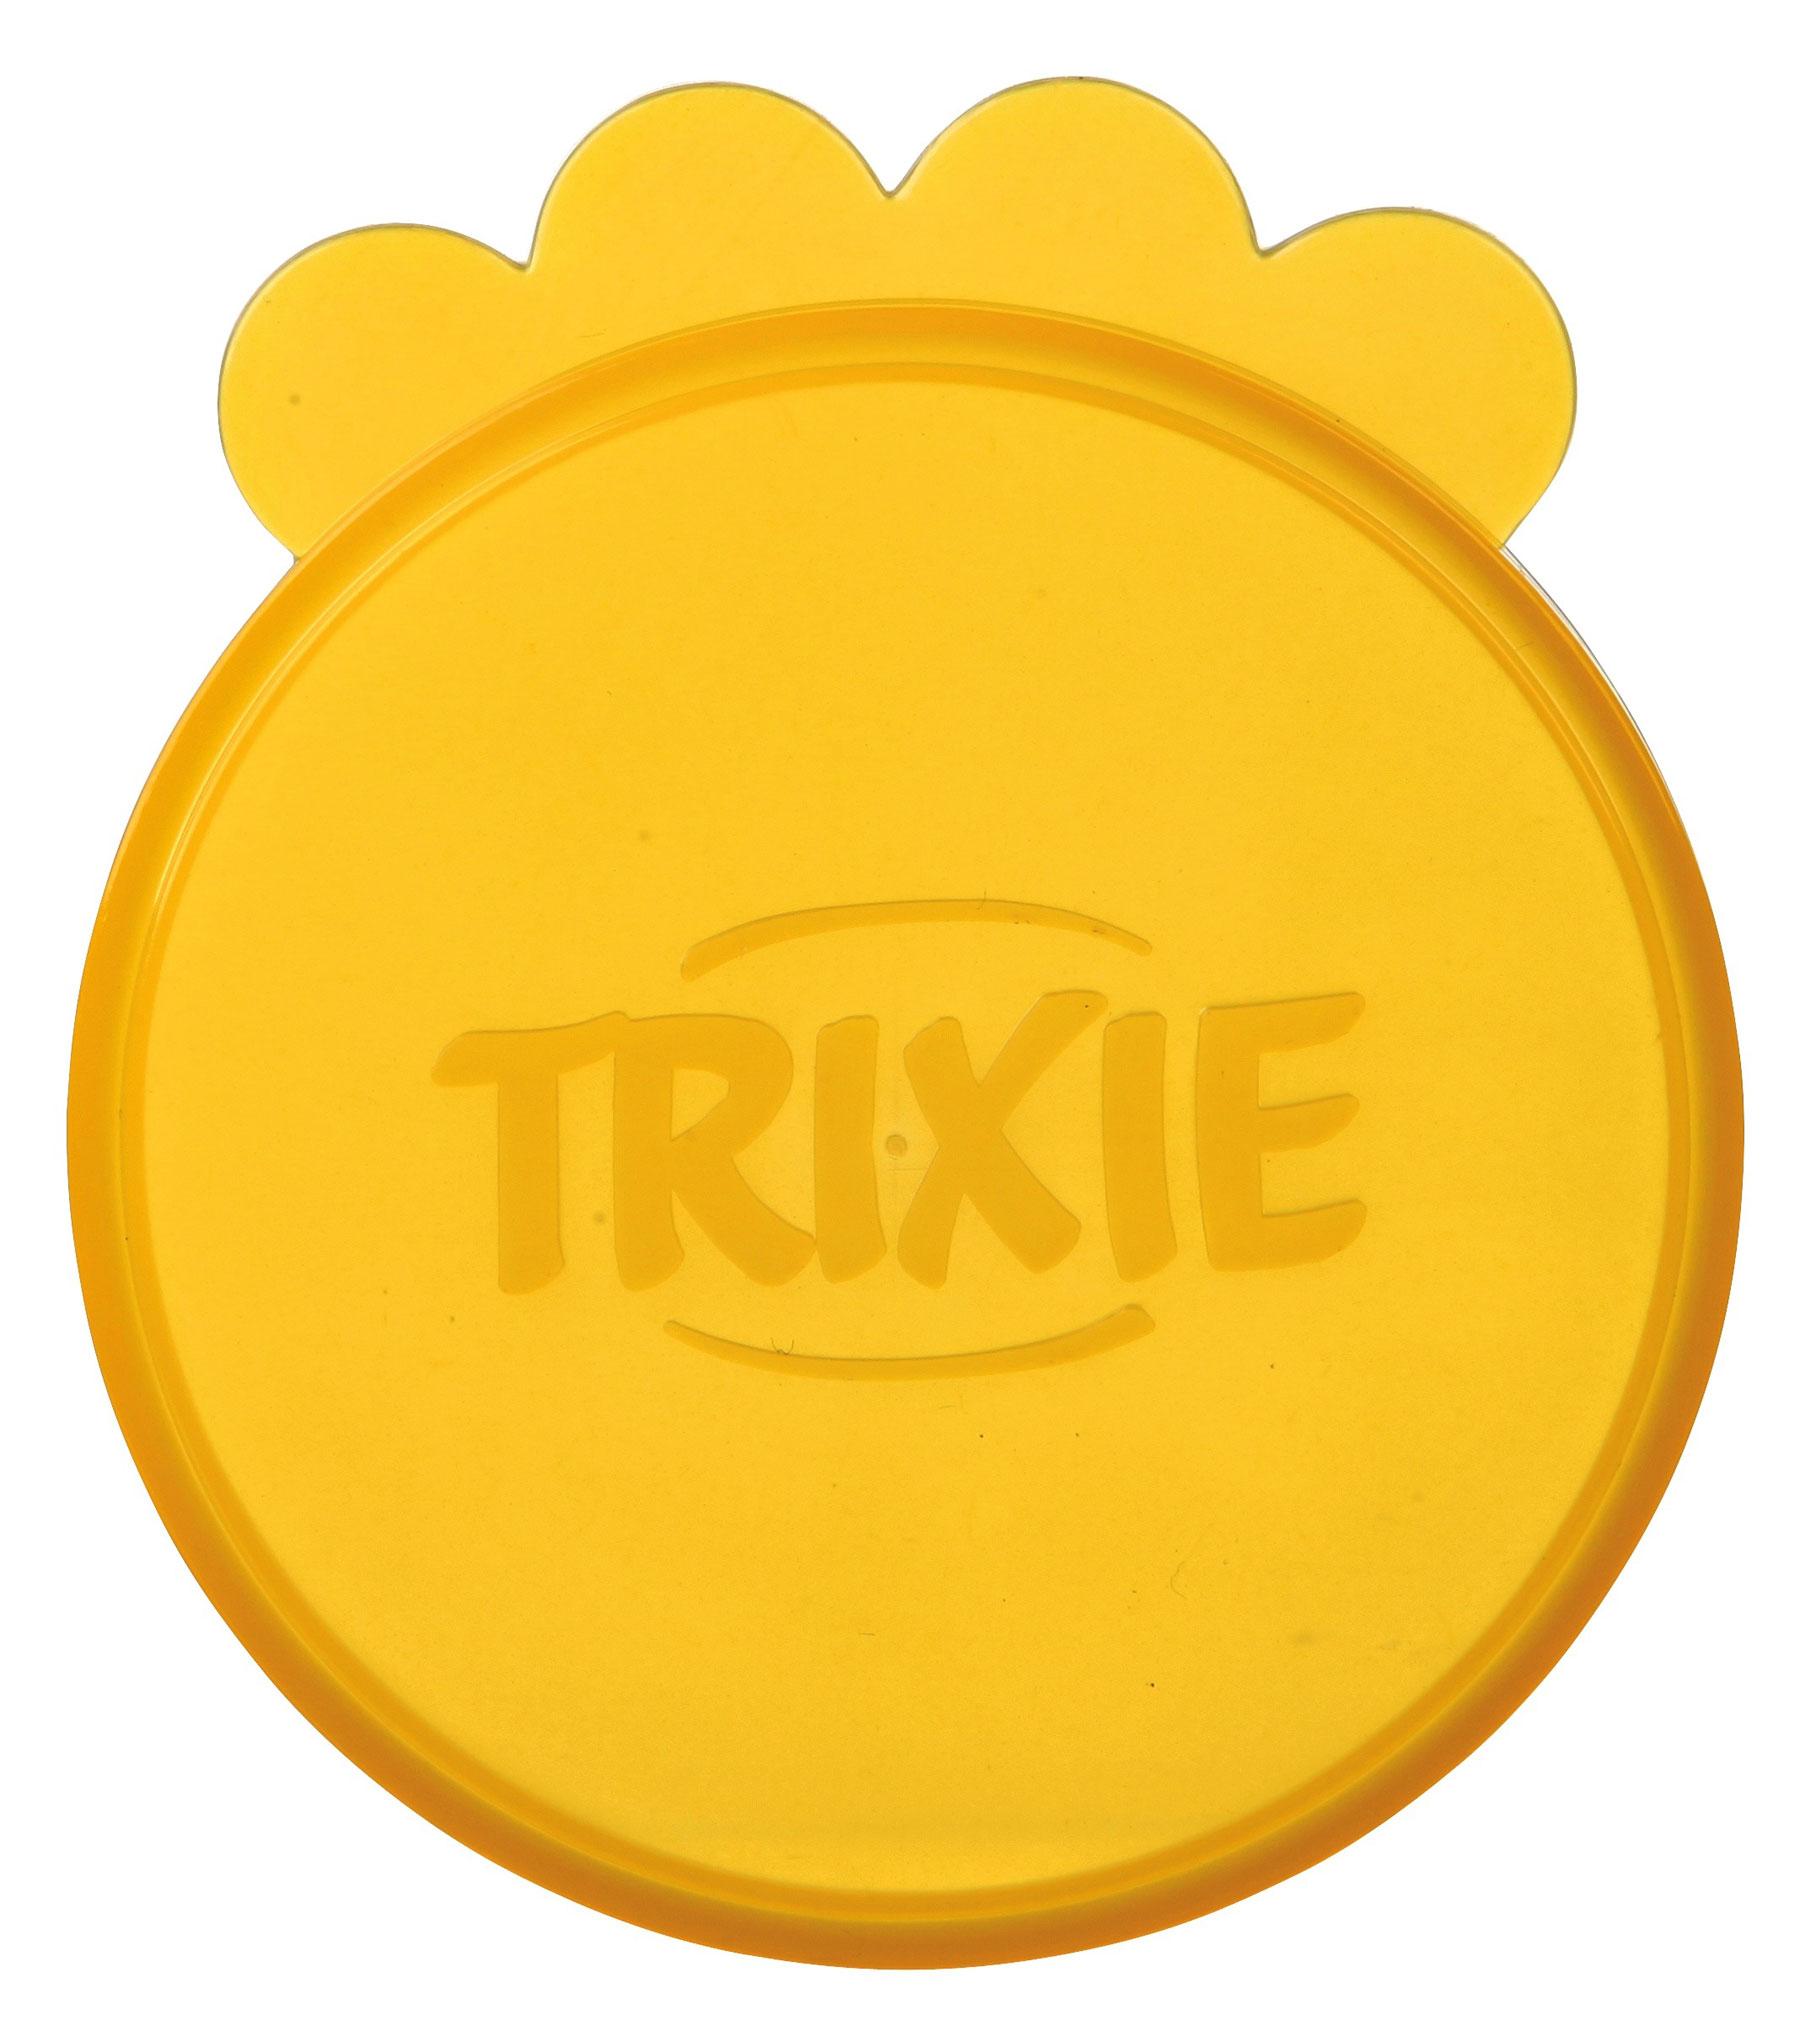 Deckel für Futterdosen TRIXIE Ø10,6cm 2Stück Bild 1